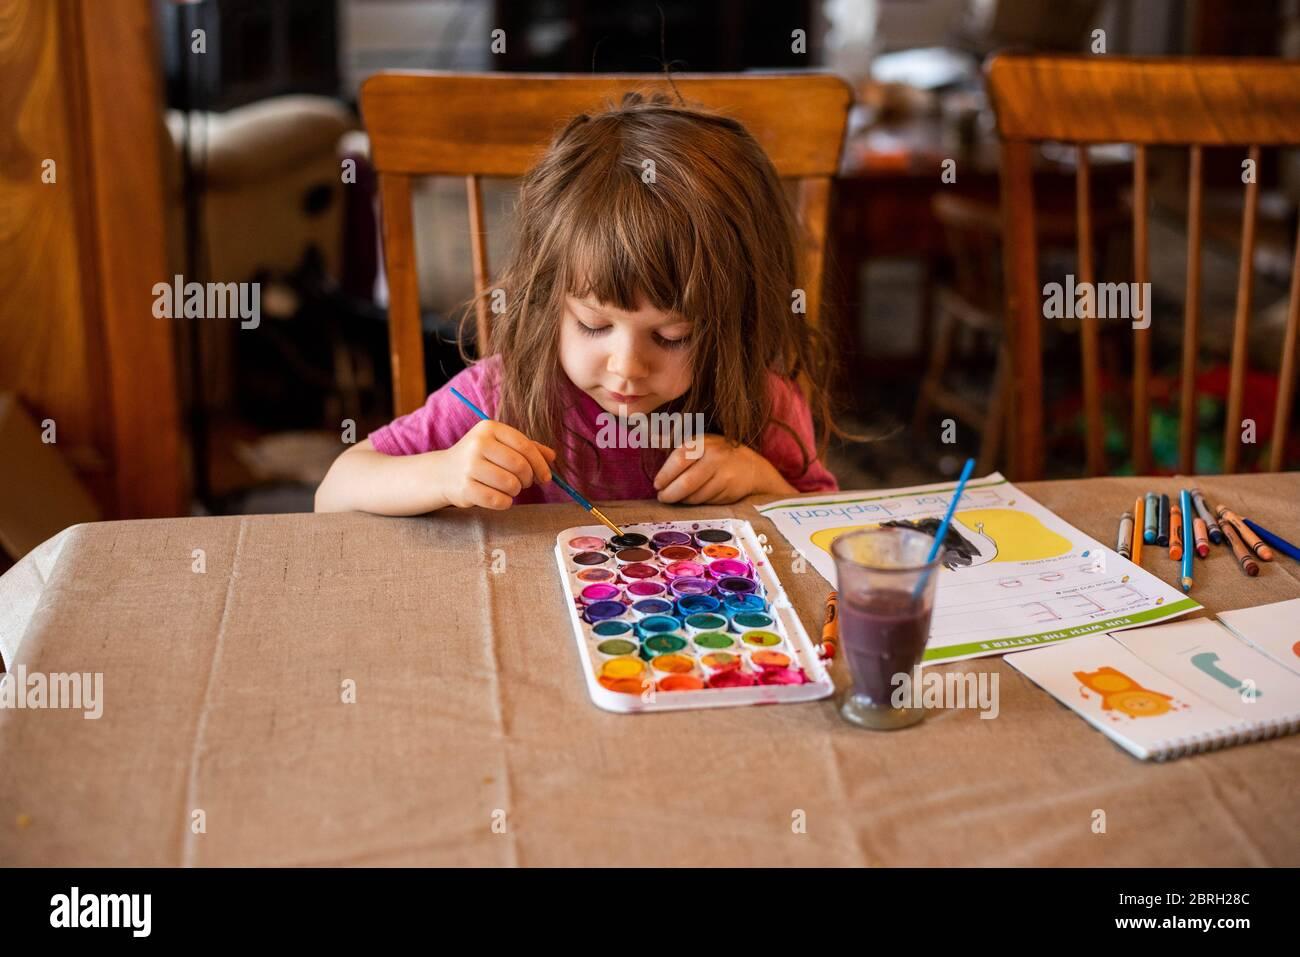 Ein 5-jähriges Mädchen malt mit einer Vielzahl von Aquarellfarben. Stockfoto